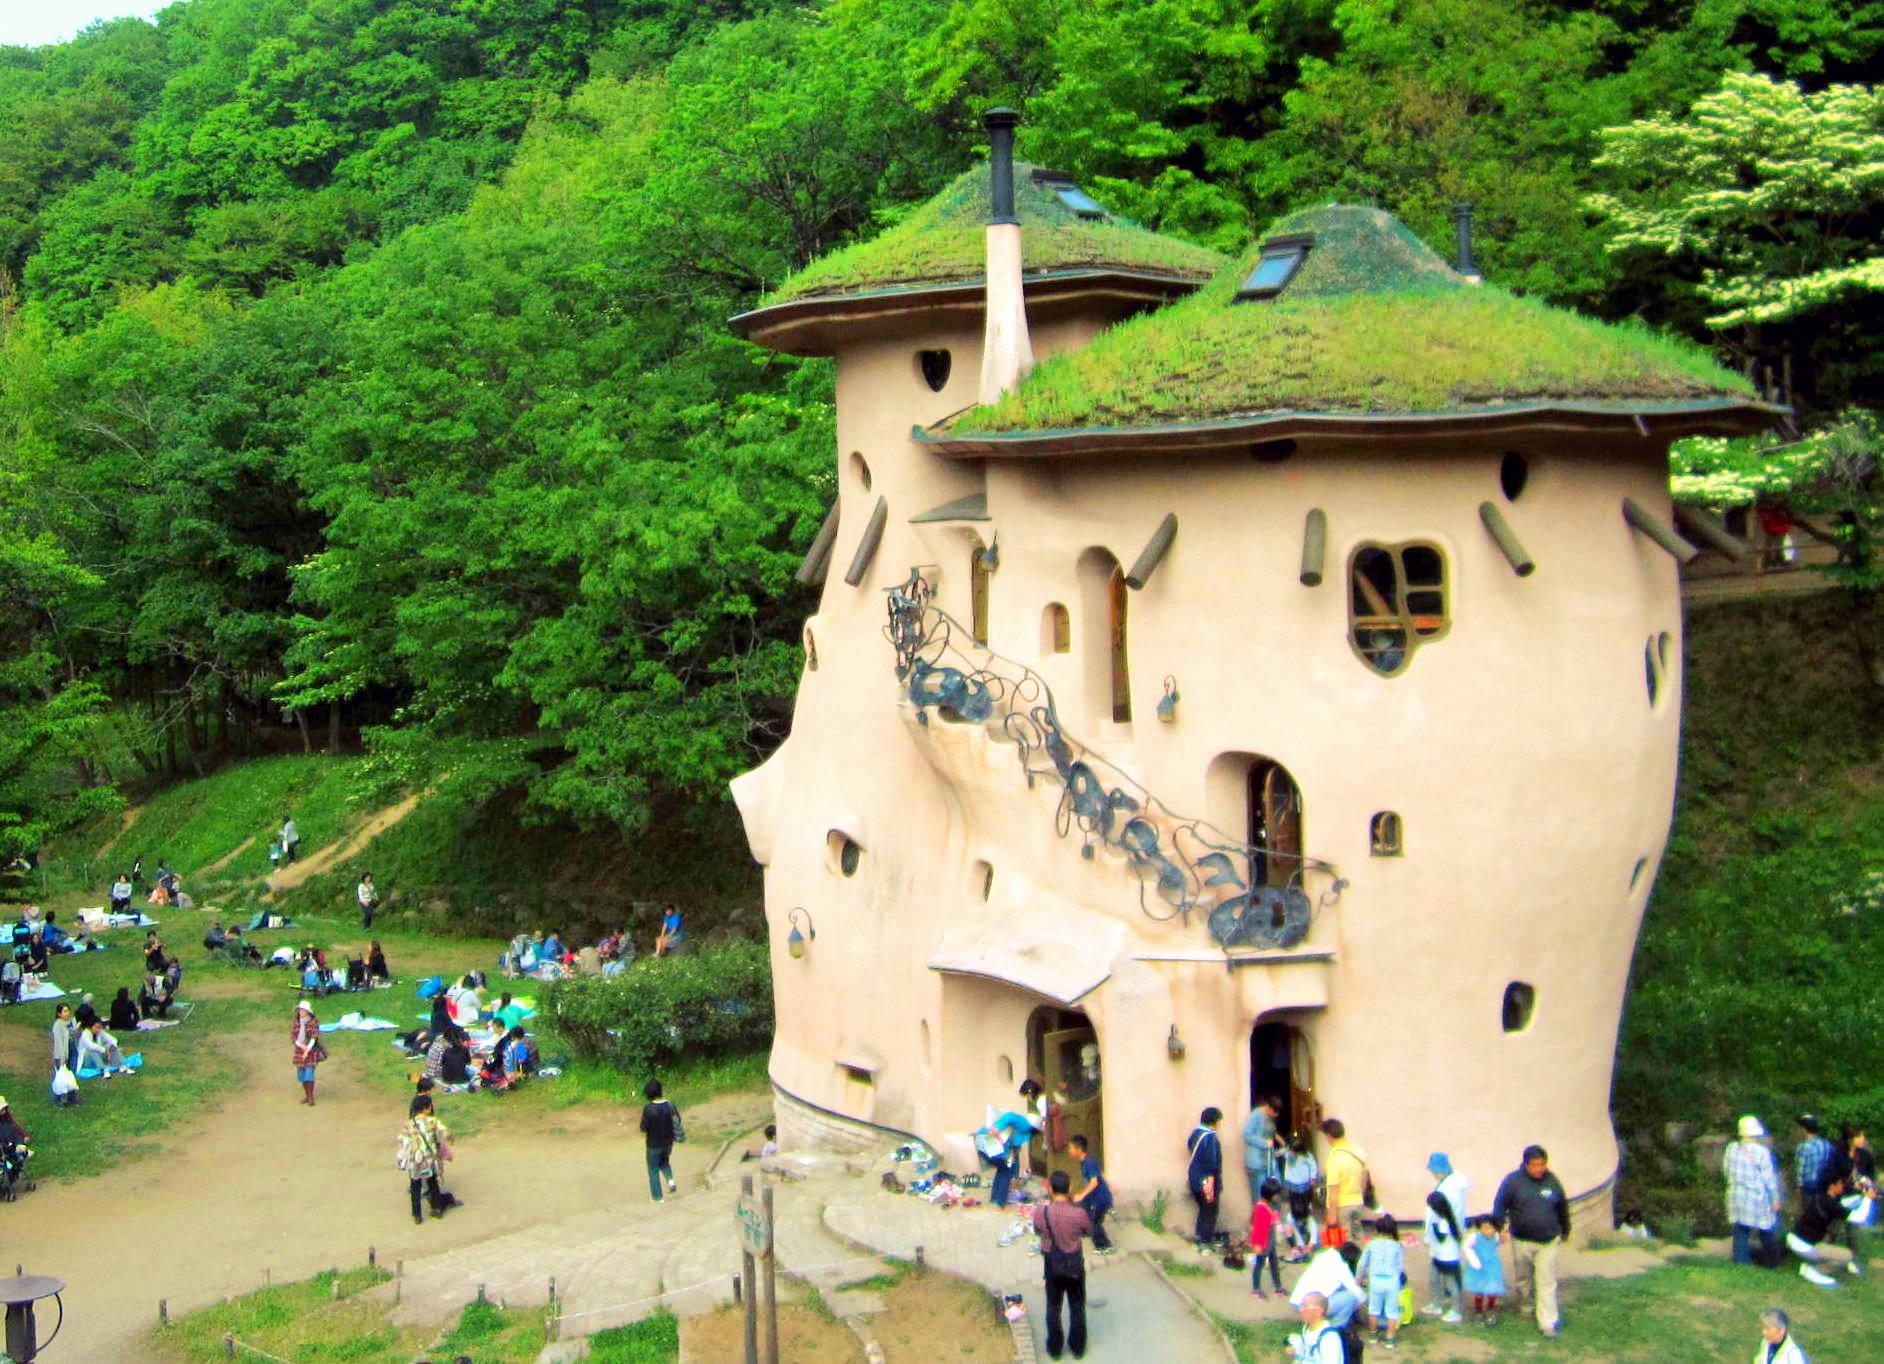 Where Dreams Come True: The Free Moomin-Themed Park in Saitama